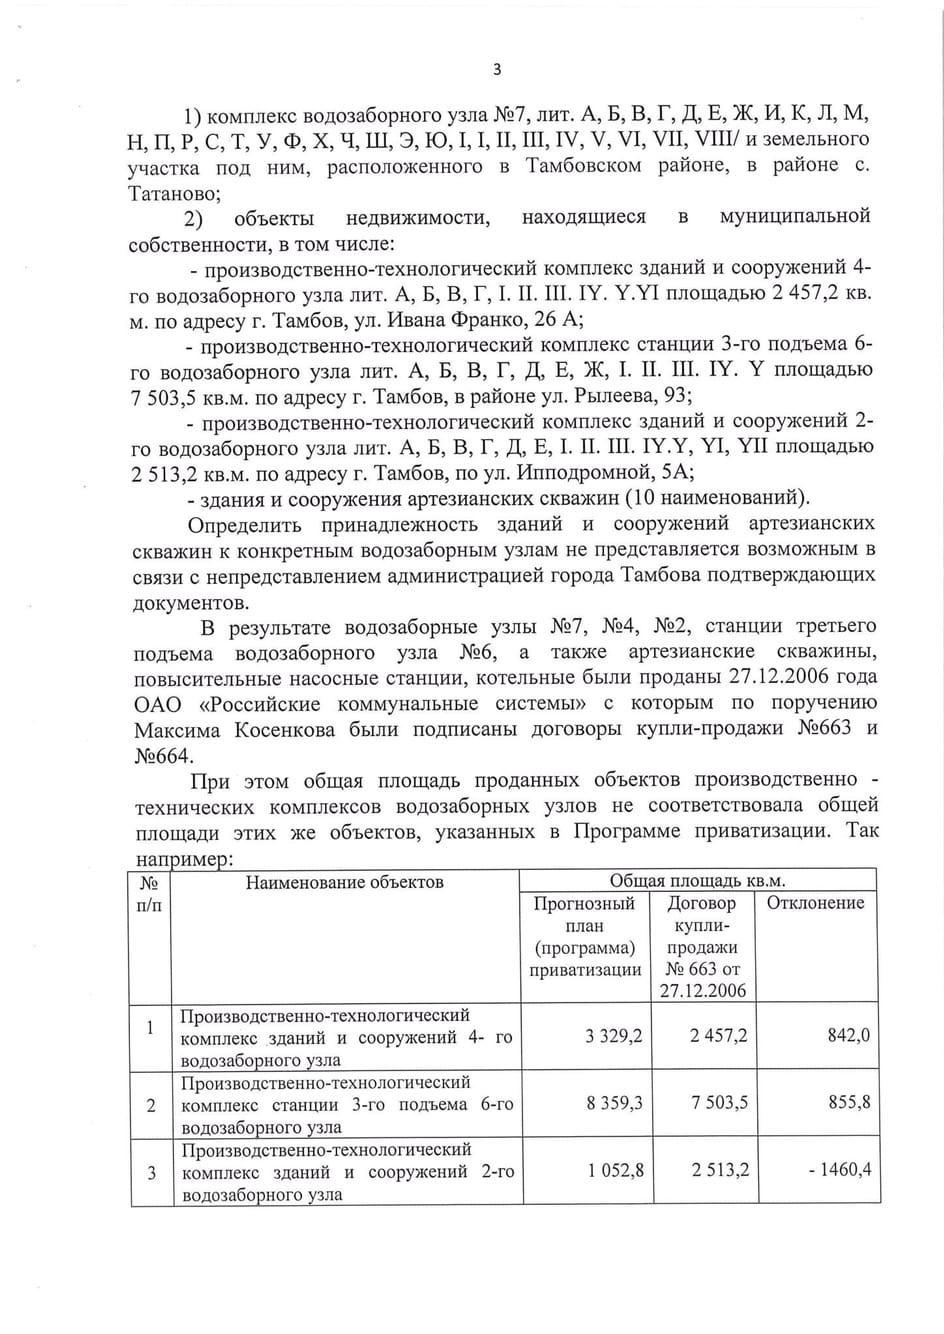 Депутаты направили следователям материалы по факту продажи тамбовских водозаборов